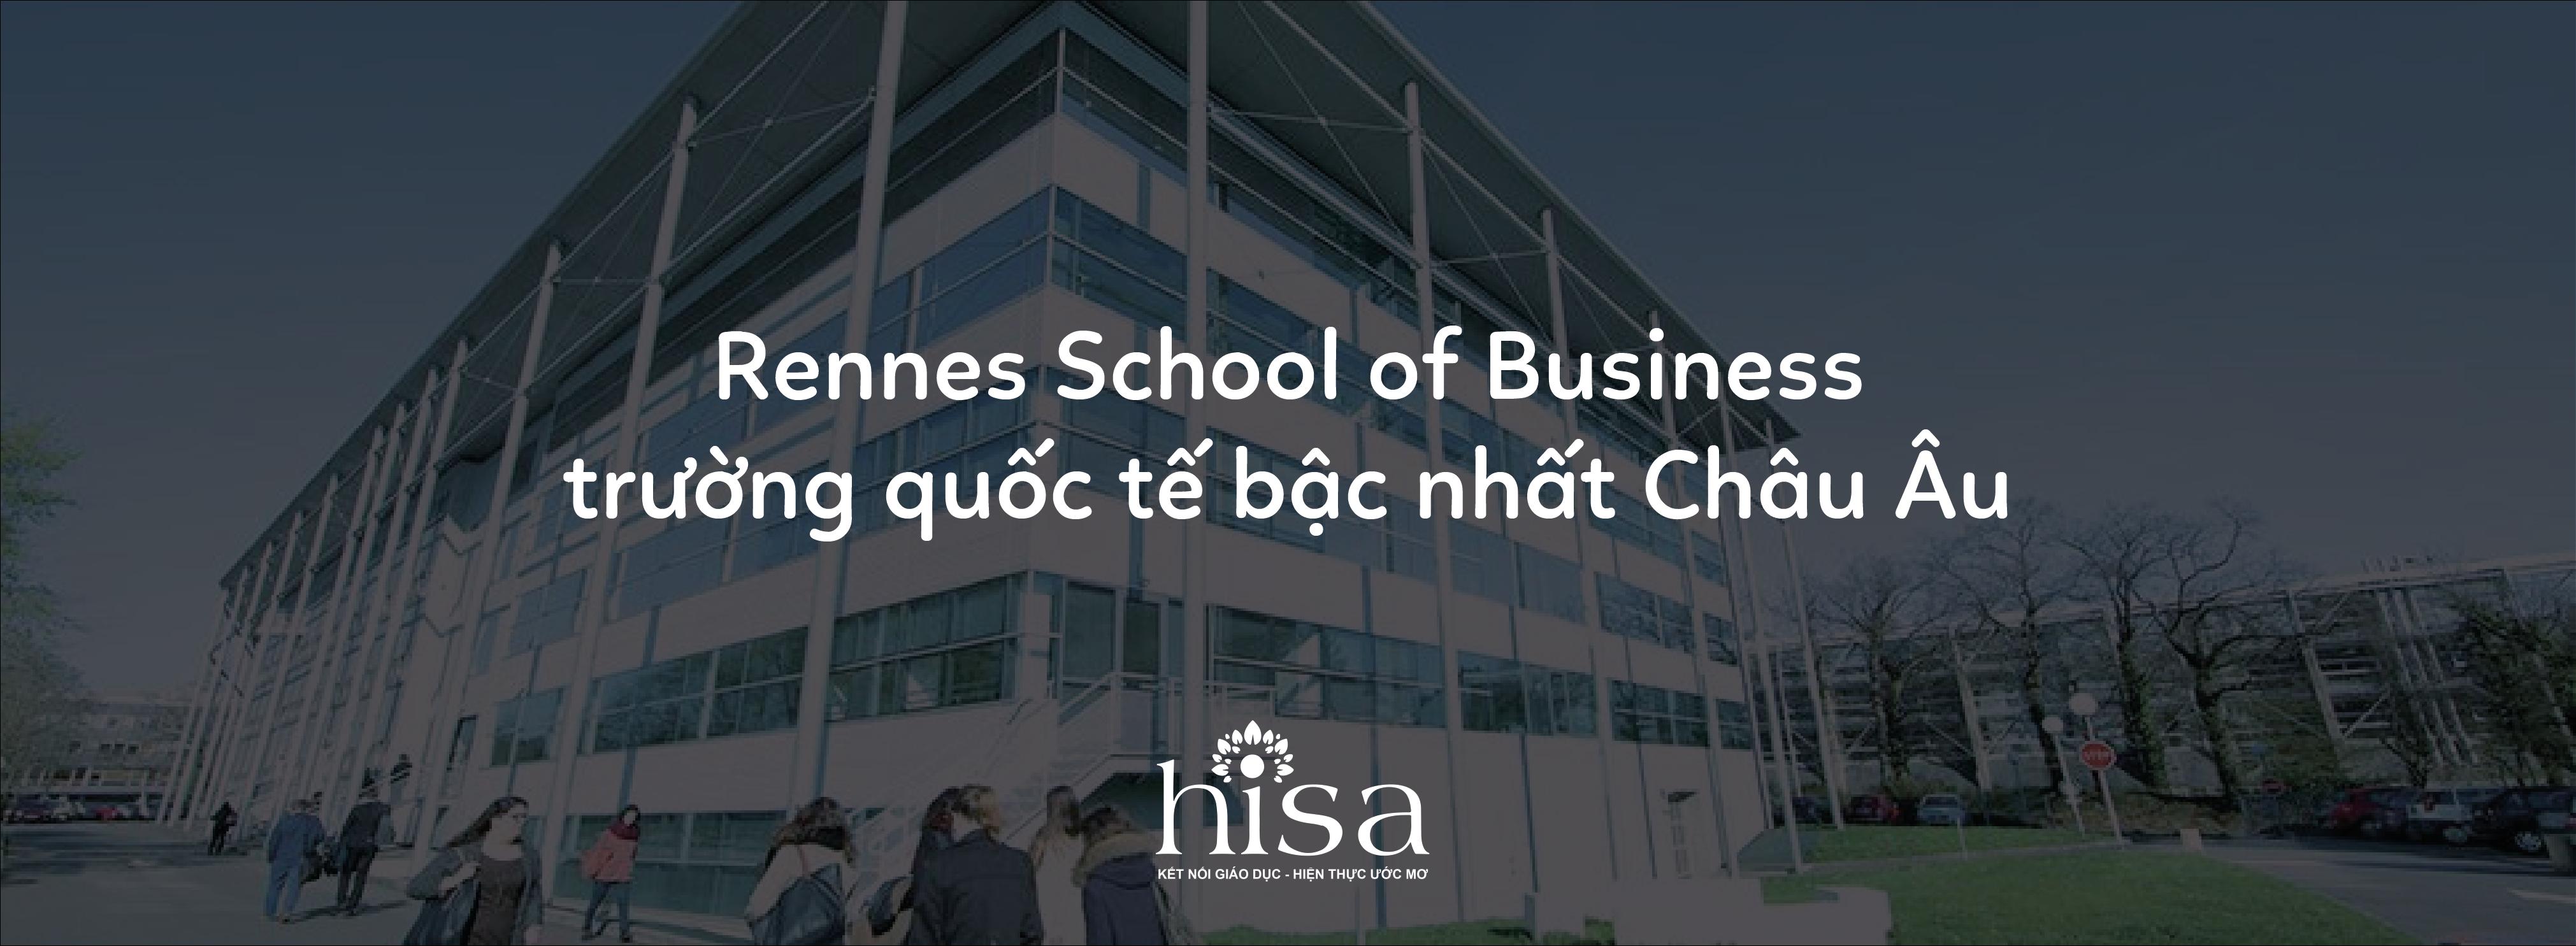 Rennes School of Business Grande École de Commerce